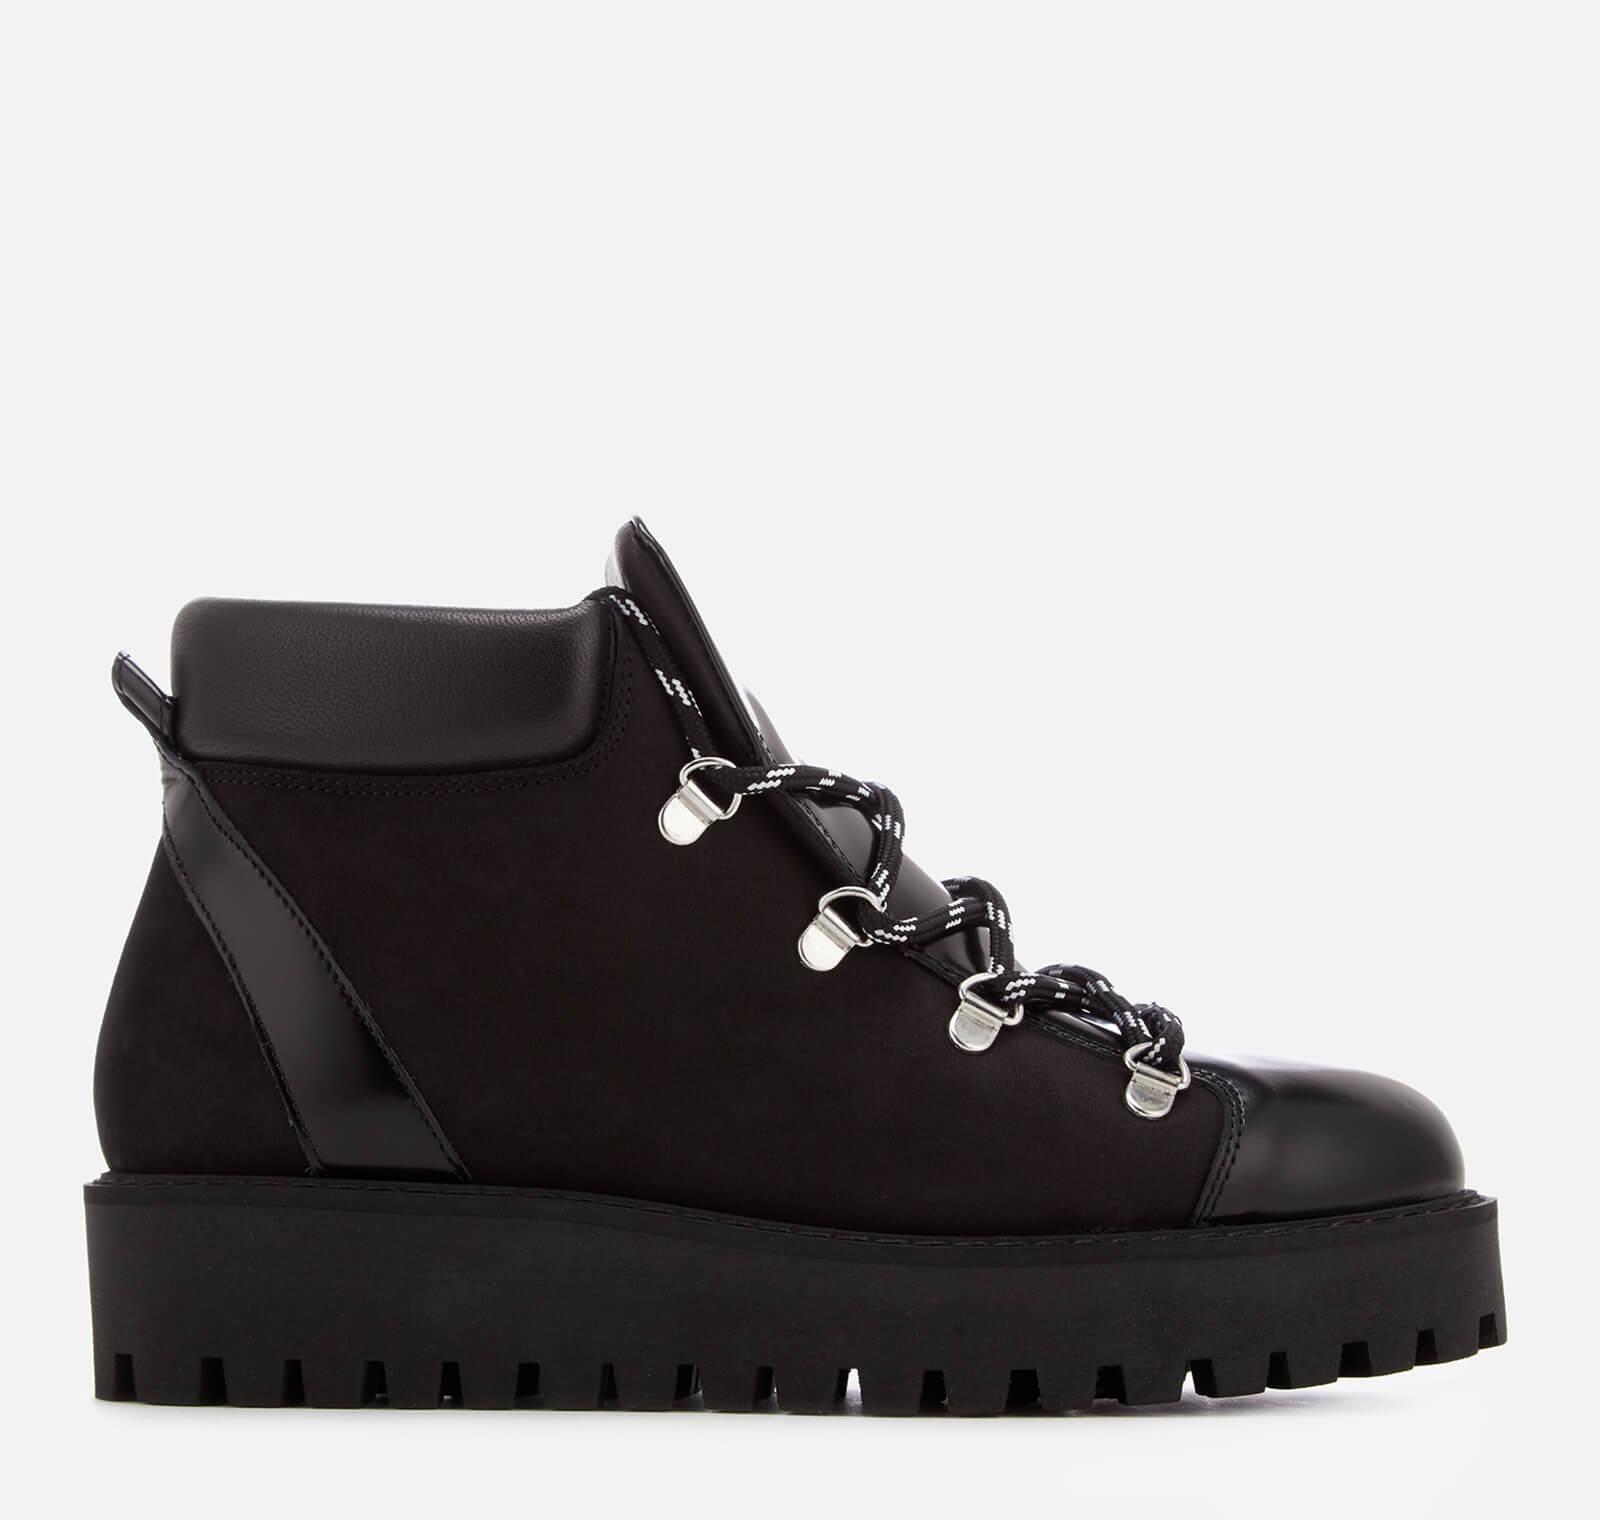 dba71cc277f Ganni Women's Alma Hiking Style Flat Boots - Black